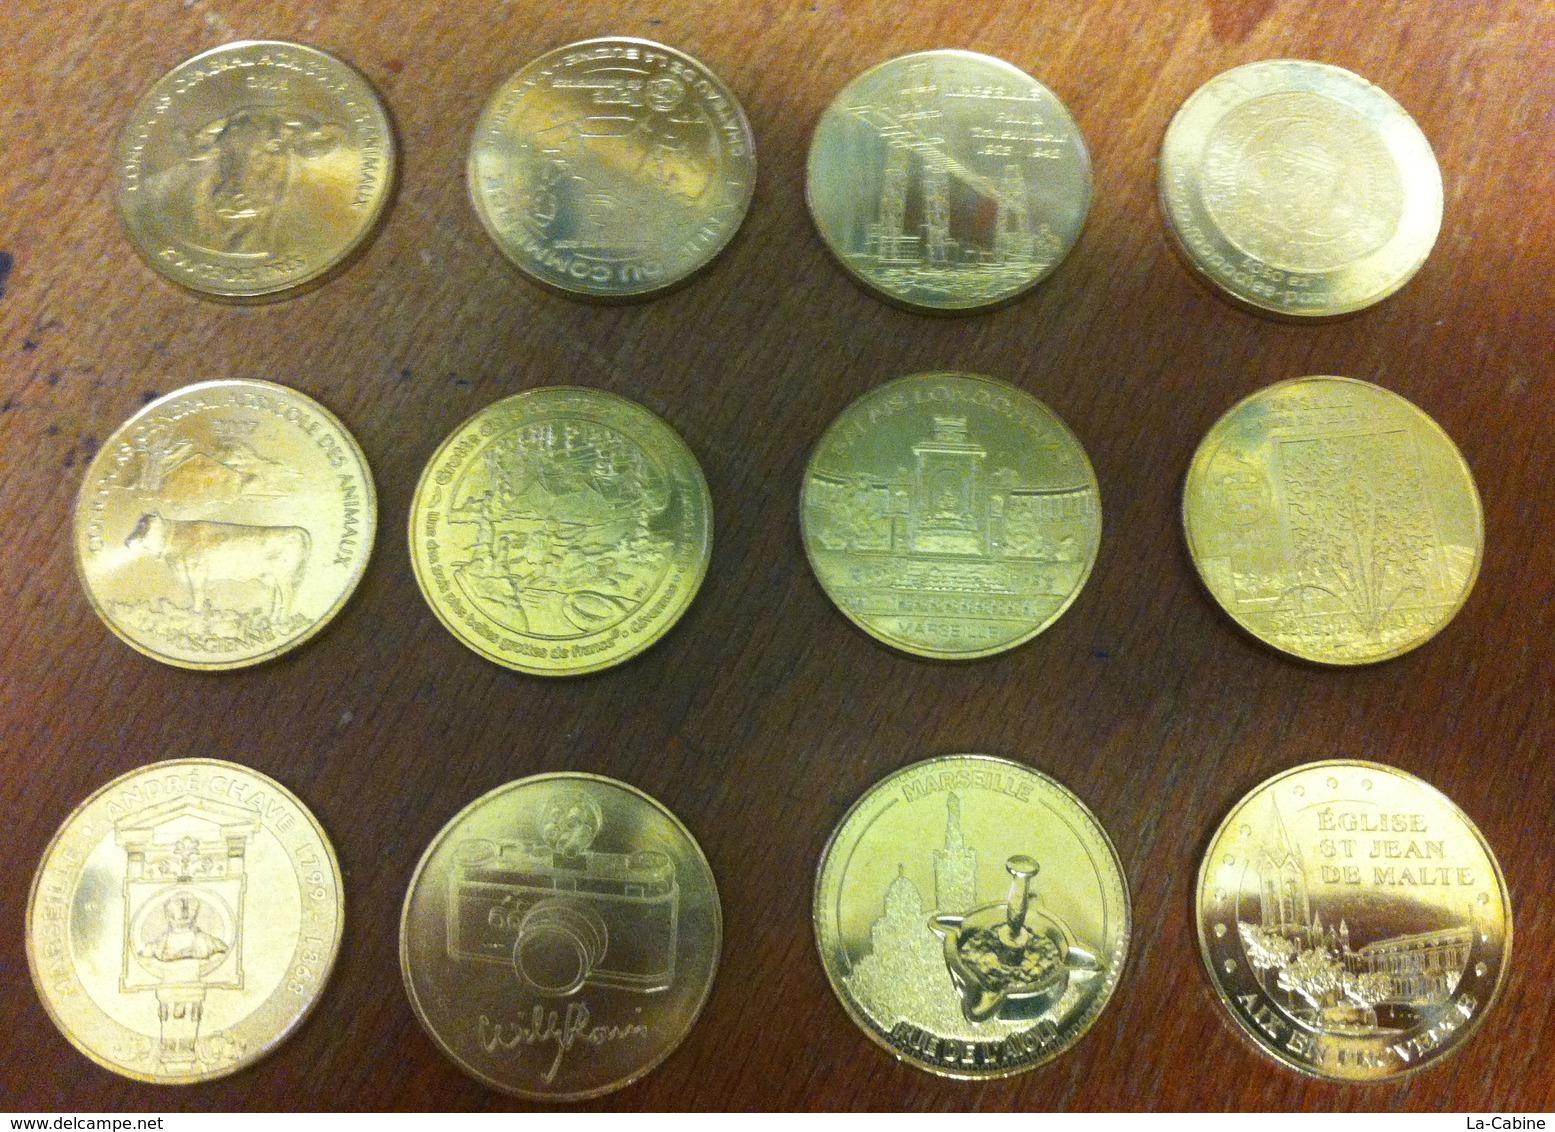 1 LOT DE 12 MÉDAILLES TOURISTIQUE SOUVENIR MONNAIE DE PARIS JETON MEDALS TOKENS COINS MONNAIE - Monnaie De Paris